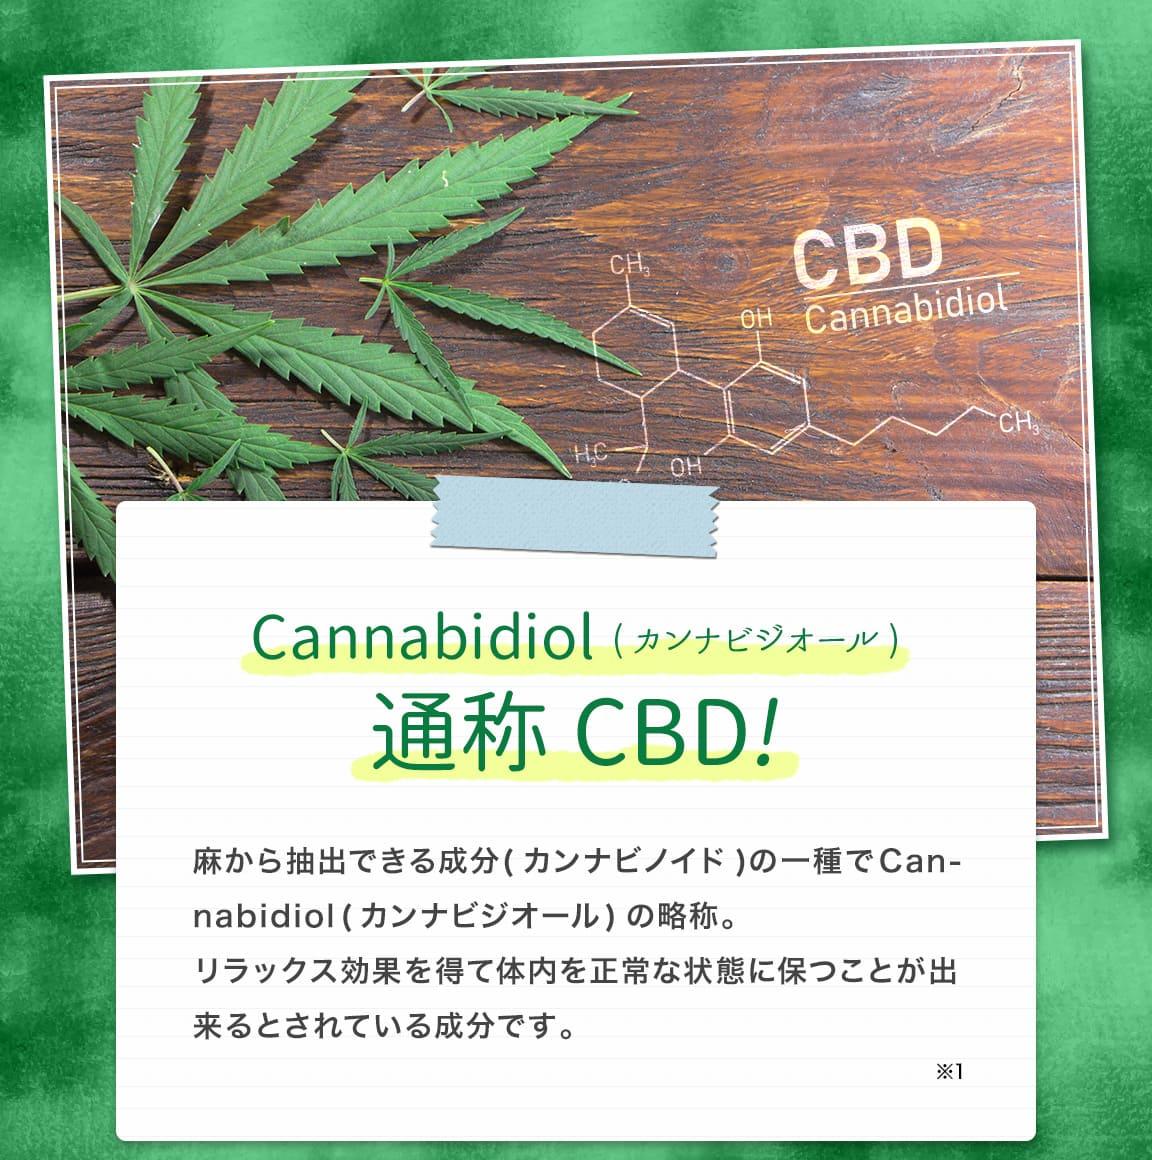 Cannabidiol(カンナビジオール)通称CBD